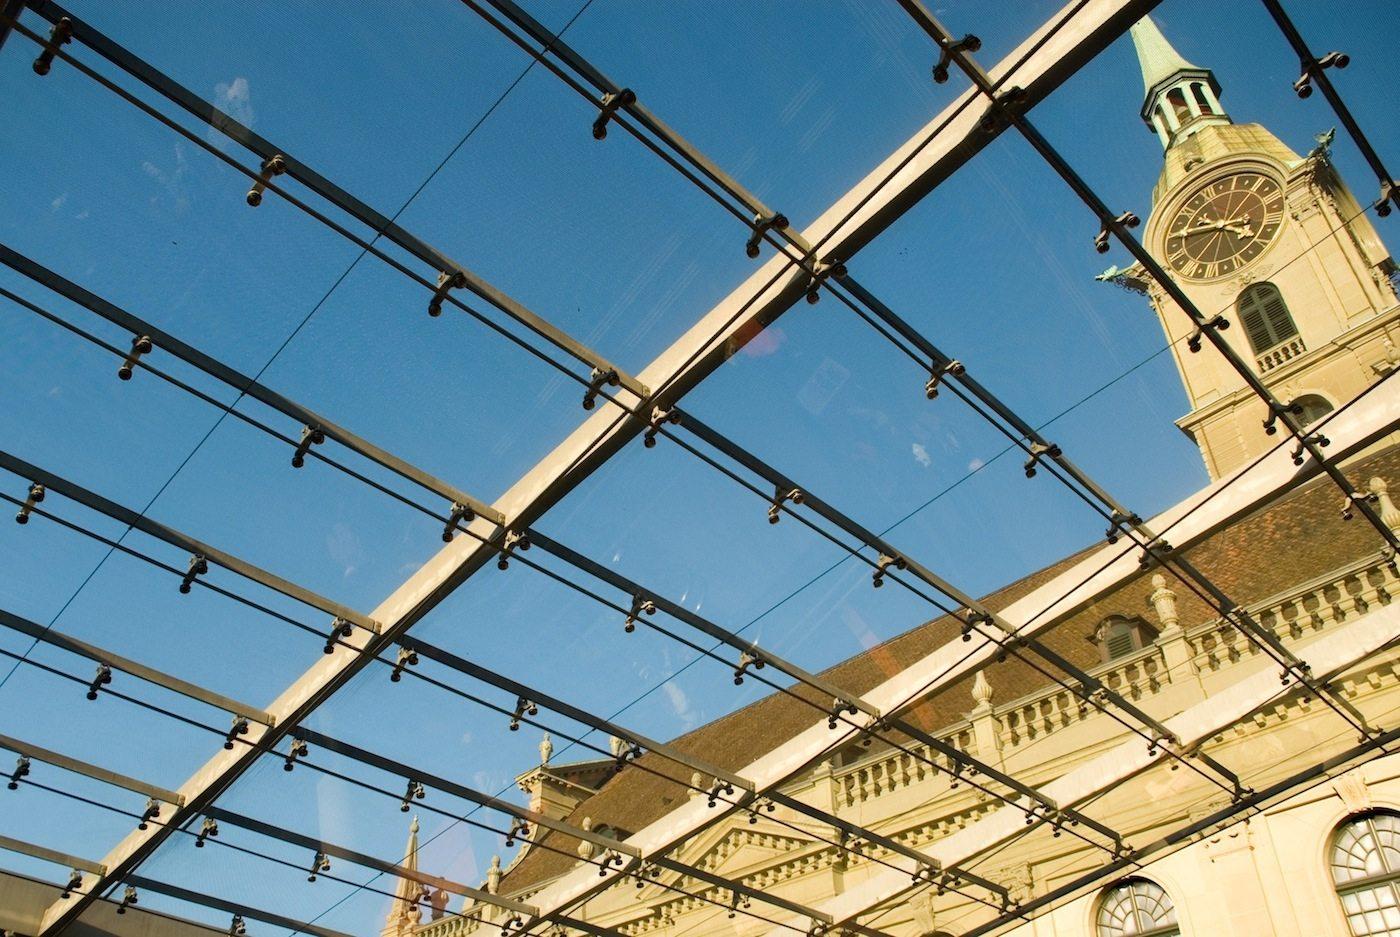 Sinnbild. Eine gläserne Haut mitten im historischen, denkmalgeschützten Stadtteil von Bern? Geht gar nicht, so die einhellige Reaktion zu Beginn der Planungen. 2008 waren die Arbeiten abgeschlossen und inzwischen ist der Baldachin ein wichtiger Teil der Altstadt.